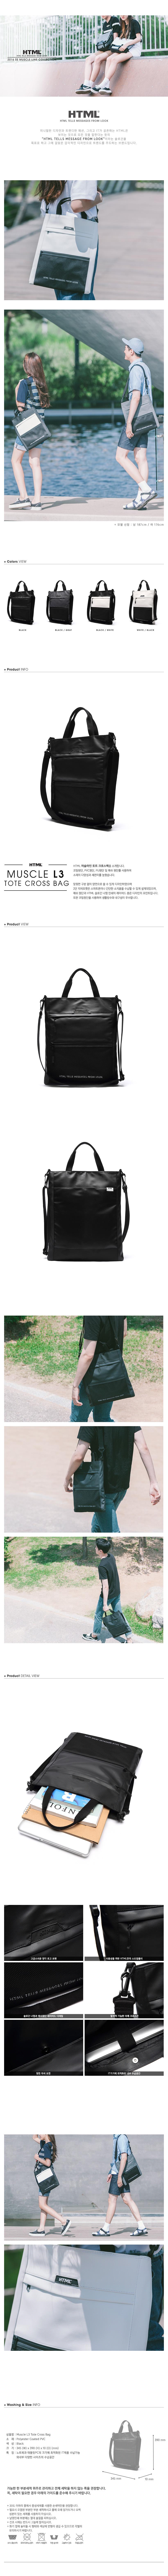 [에이치티엠엘]HTML - Muscle L3 Tote Cross Bag (BLACK) 가방 토트백 크로스백 투웨이